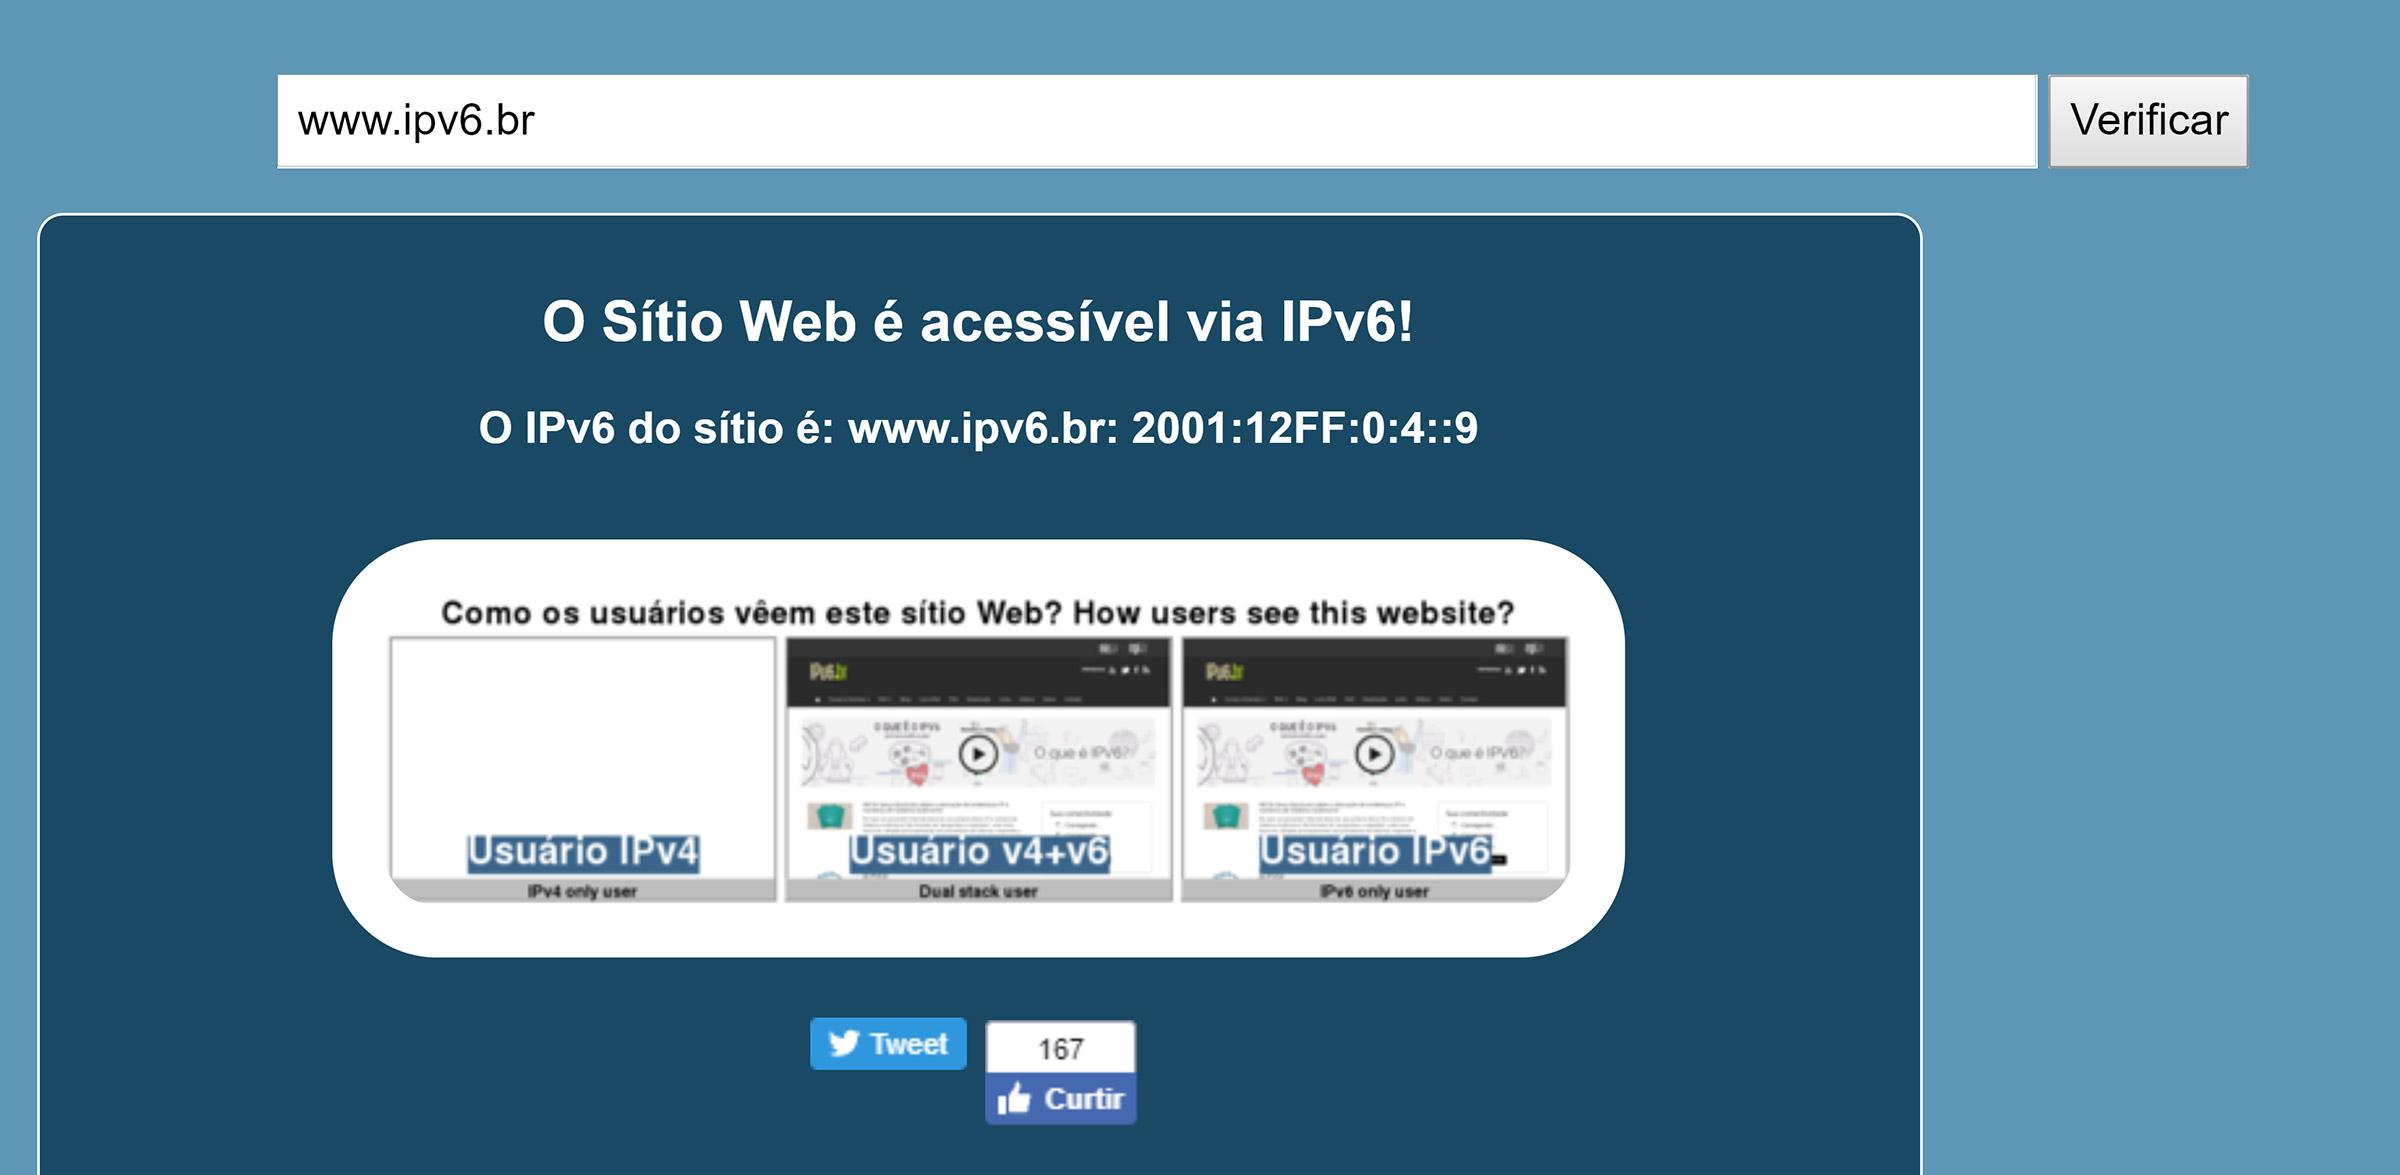 ipv6 como validar um site